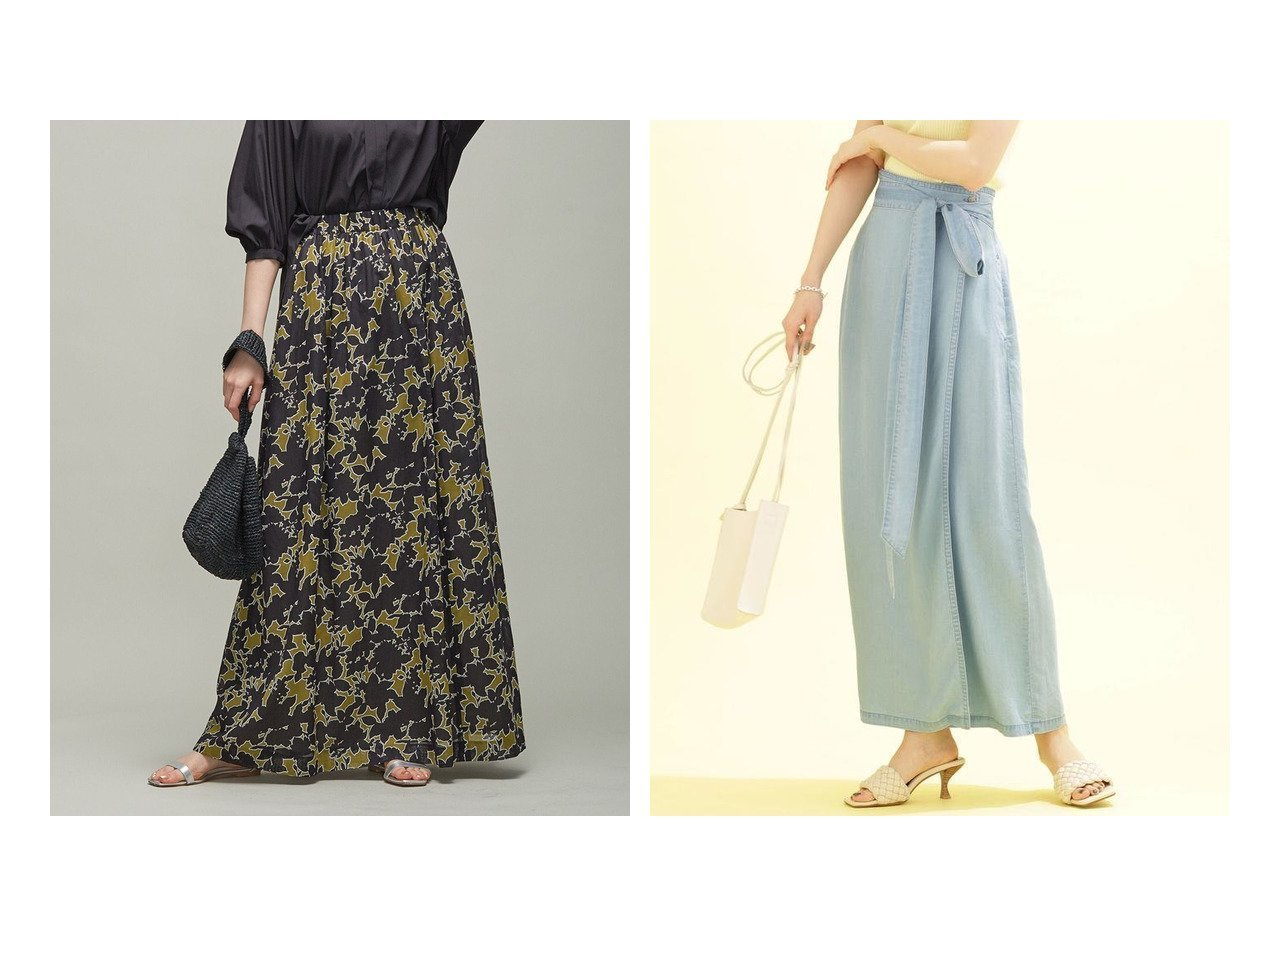 【nano universe/ナノ ユニバース】のサークルデニムラップスカート (セットアップ可)&【iCB/アイシービー】のShadow Flower 2WAY ロングスカート 【スカート】おすすめ!人気、トレンド・レディースファッションの通販 おすすめで人気の流行・トレンド、ファッションの通販商品 インテリア・家具・メンズファッション・キッズファッション・レディースファッション・服の通販 founy(ファニー) https://founy.com/ ファッション Fashion レディースファッション WOMEN スカート Skirt ロングスカート Long Skirt セットアップ Setup スカート Skirt Aライン/フレアスカート Flared A-Line Skirts ギャザー シアー フォルム フラワー プリント 無地 ロング 2021年 2021 S/S・春夏 SS・Spring/Summer 2021春夏・S/S SS/Spring/Summer/2021 送料無料 Free Shipping ヴィンテージ サークル セットアップ デニム ノースリーブ ラップ リボン おすすめ Recommend |ID:crp329100000044056